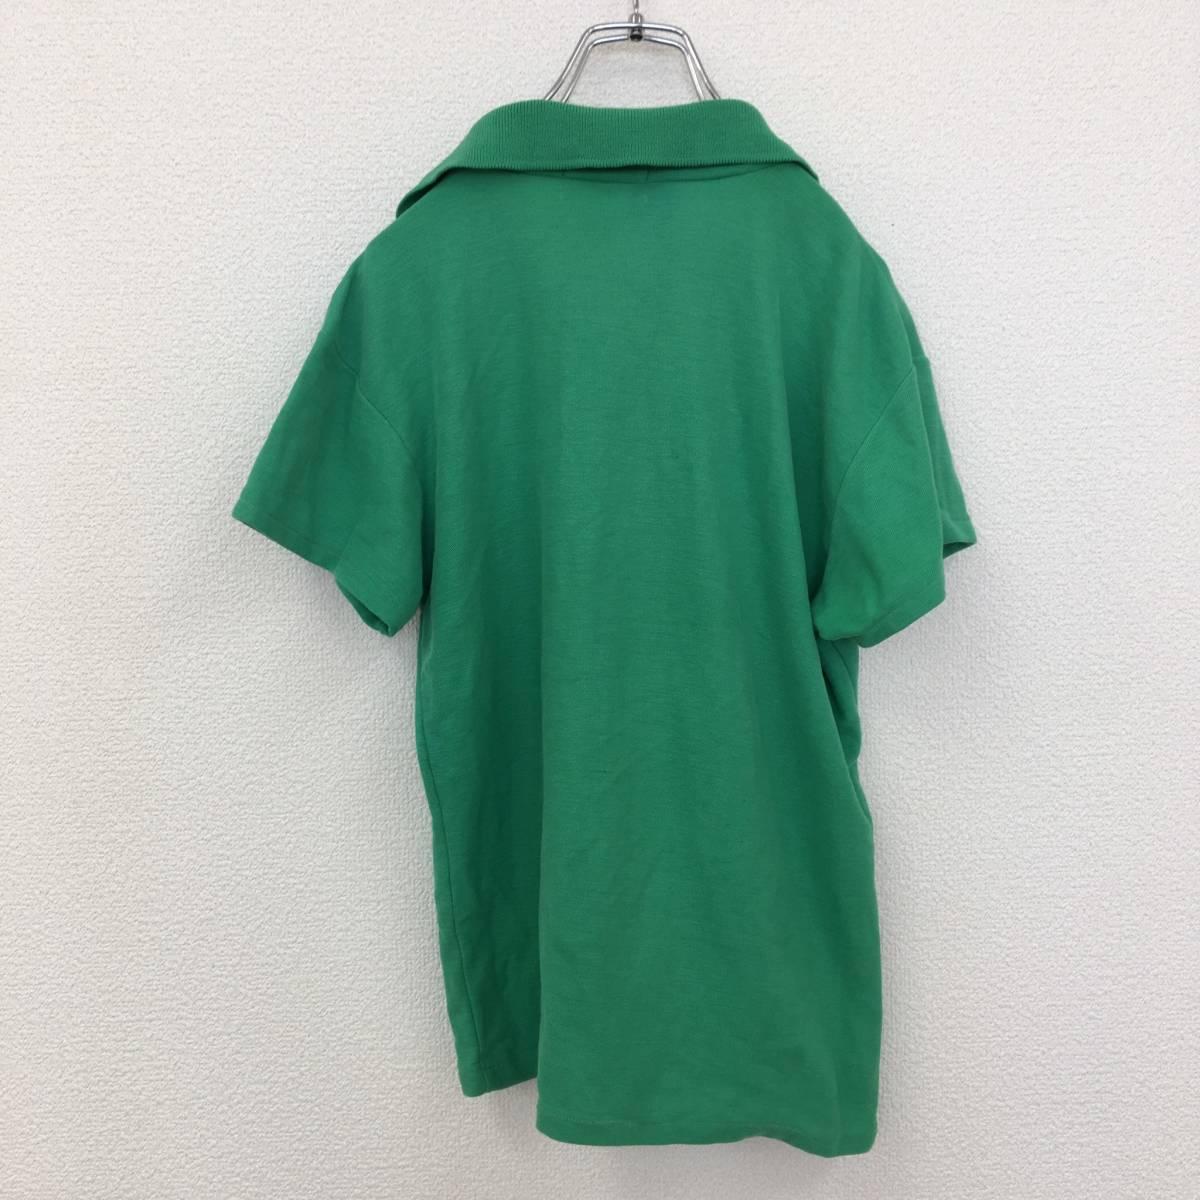 【ブルーロゴ】ラコステ 半袖 ポロシャツ ワンポイント Sサイズくらい グリーン